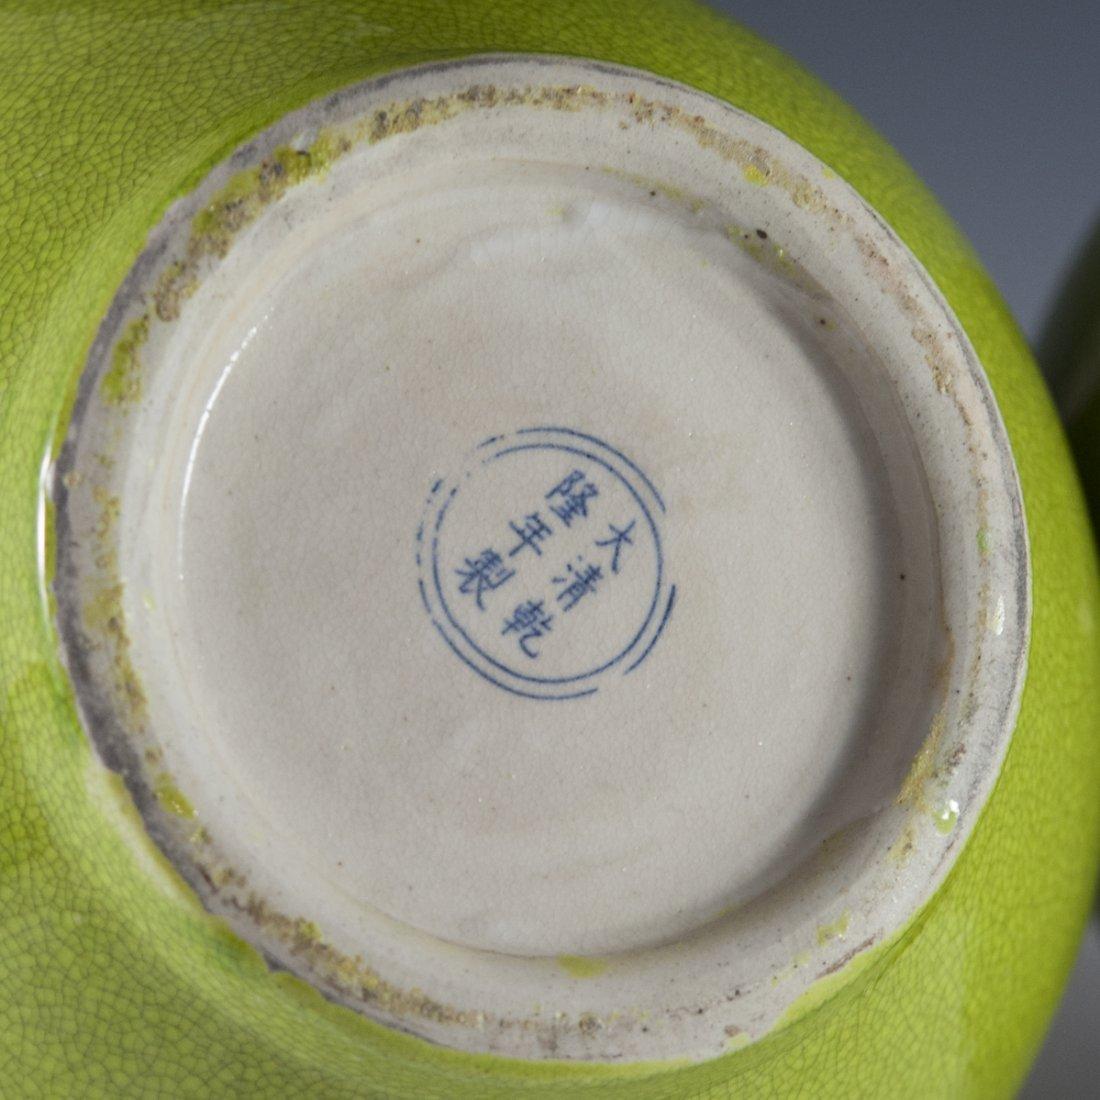 Chinese Porcelain Apple Green Bottle Vases - 3